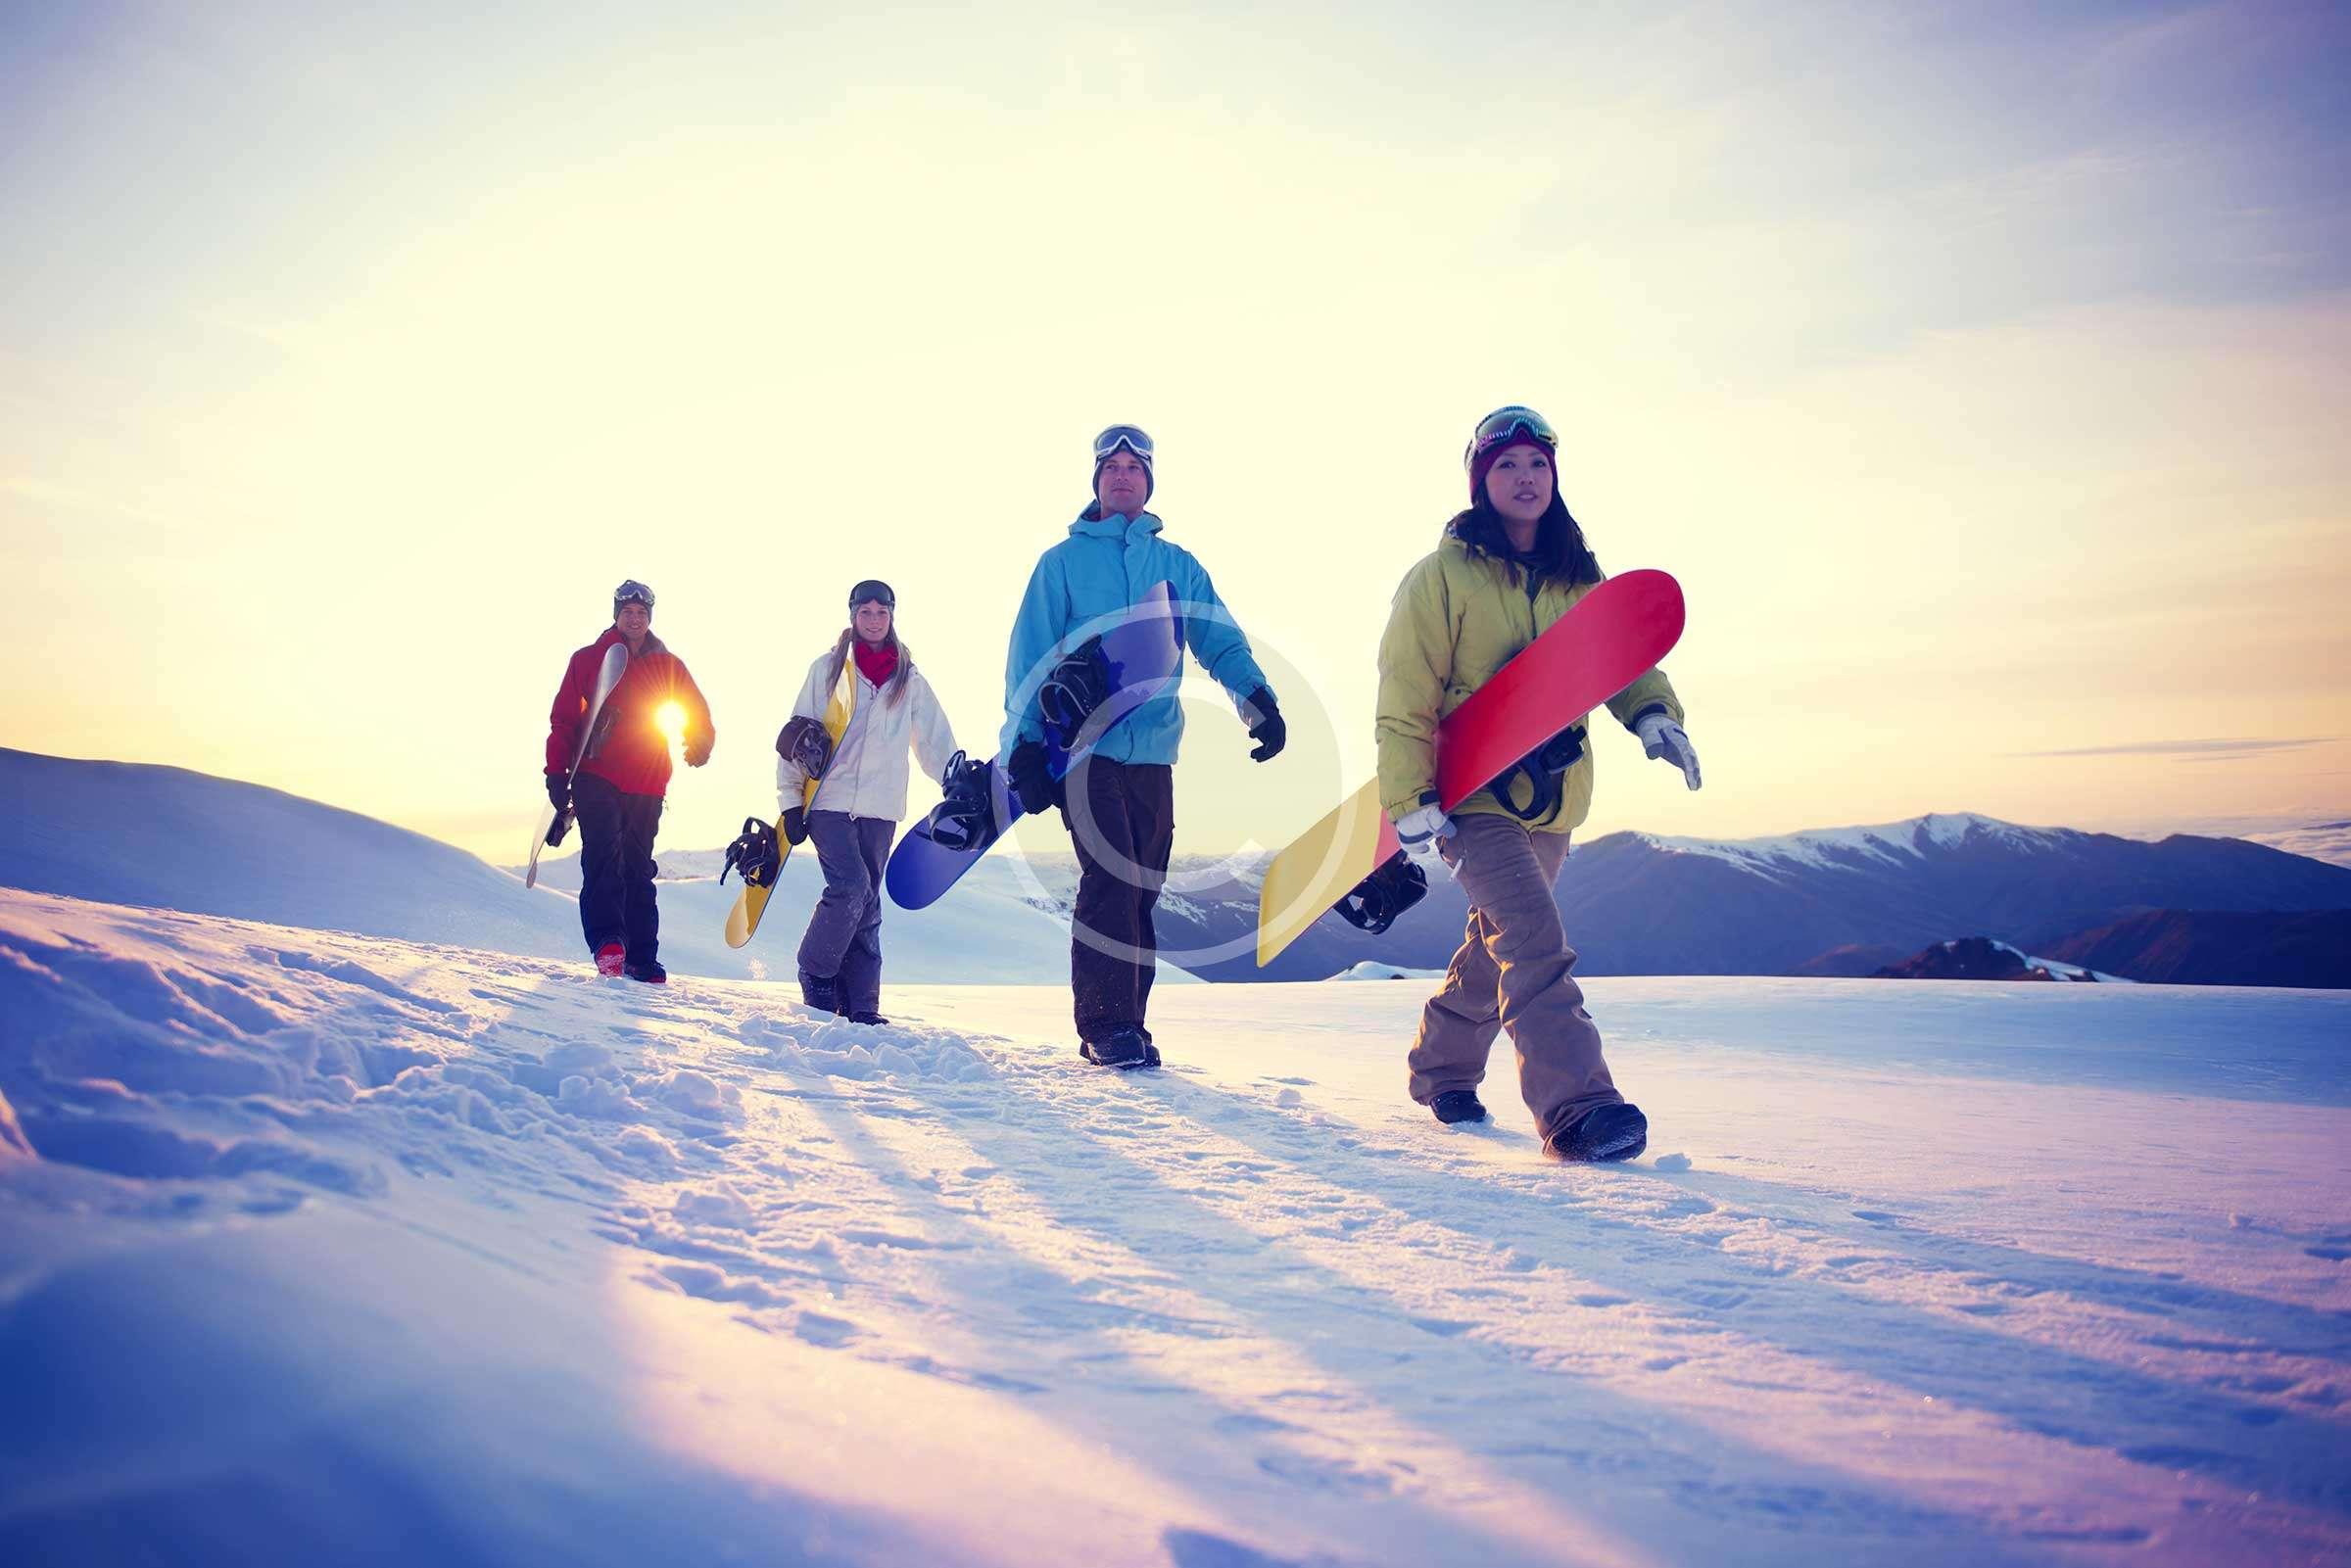 valskitignes-moniteurs-ski-val-d-isere